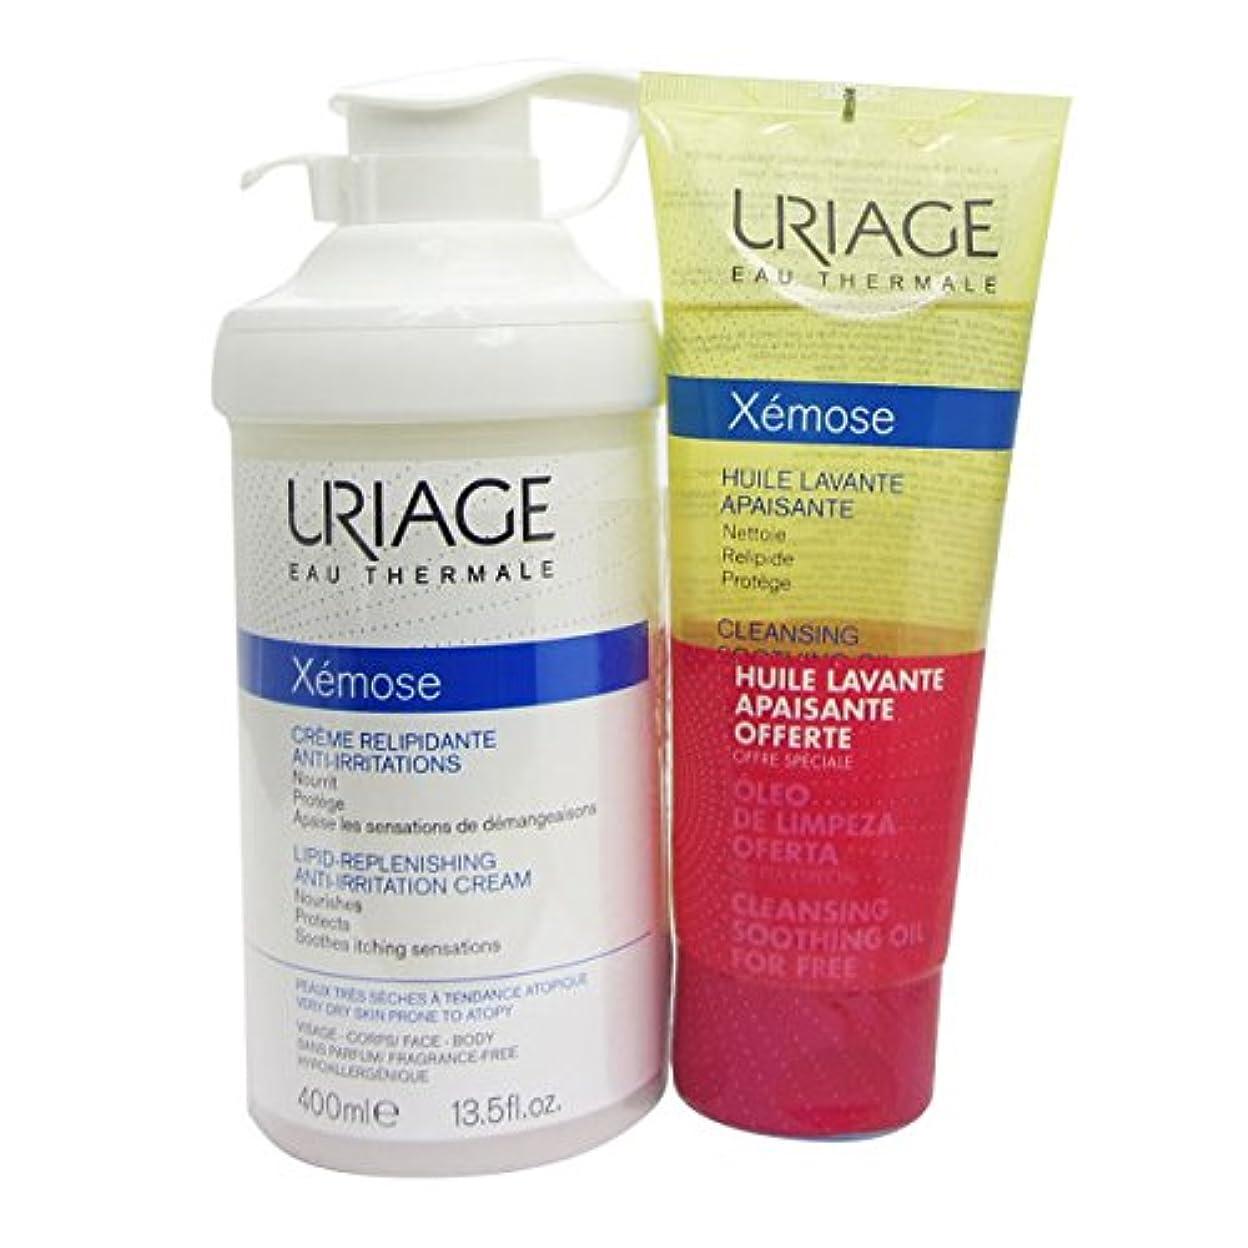 混雑ウェブ衣装Uriage Xémose Pack Universal Emollient Cream 400ml + Gift Cleansing Oil